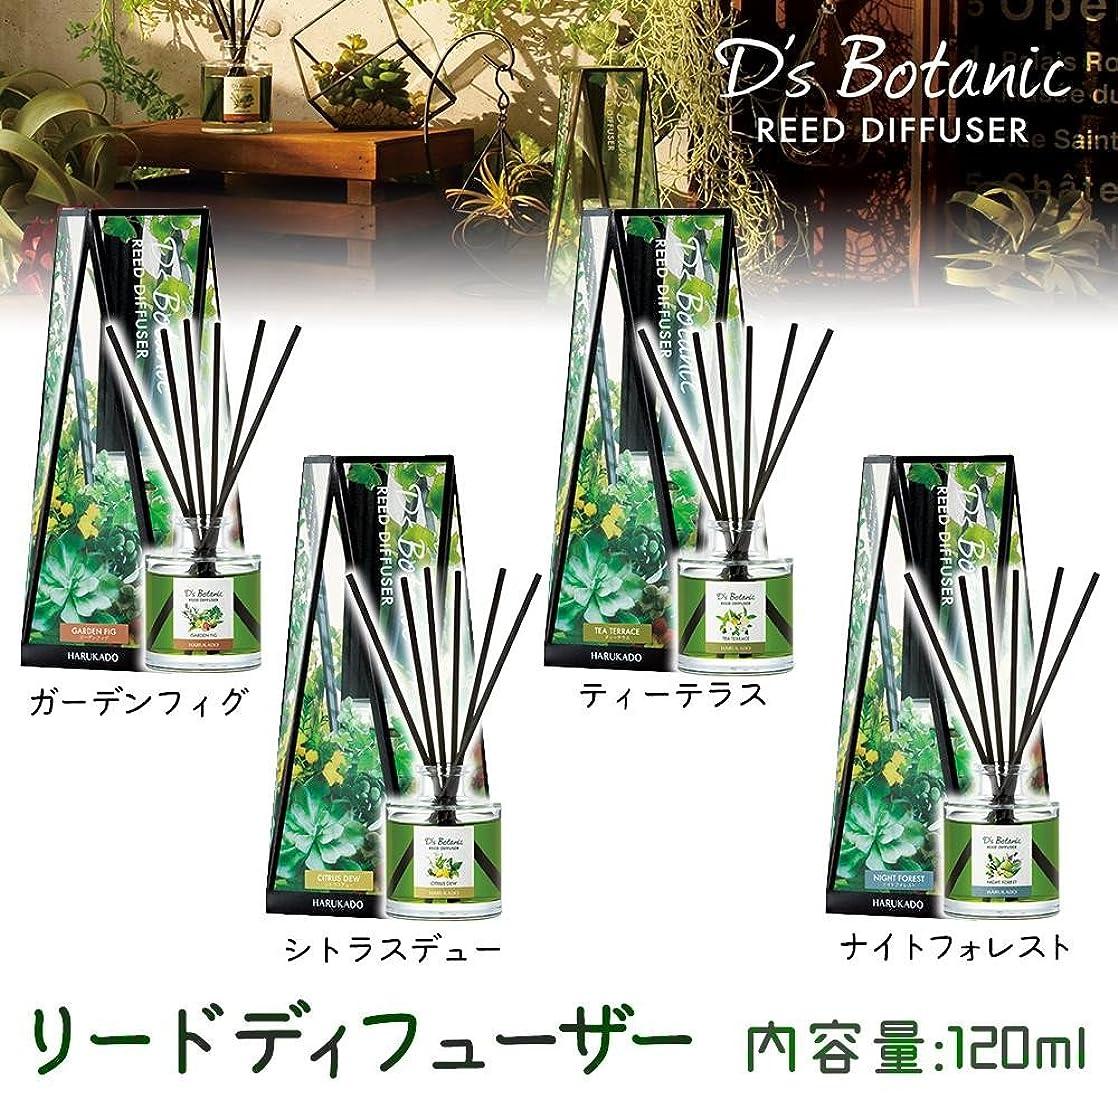 ランタン肉首D'S Botanic(デイズボタニック) リードディフューザー ルームフレグランス 120ml シトラスデュー?6229【人気 おすすめ 】